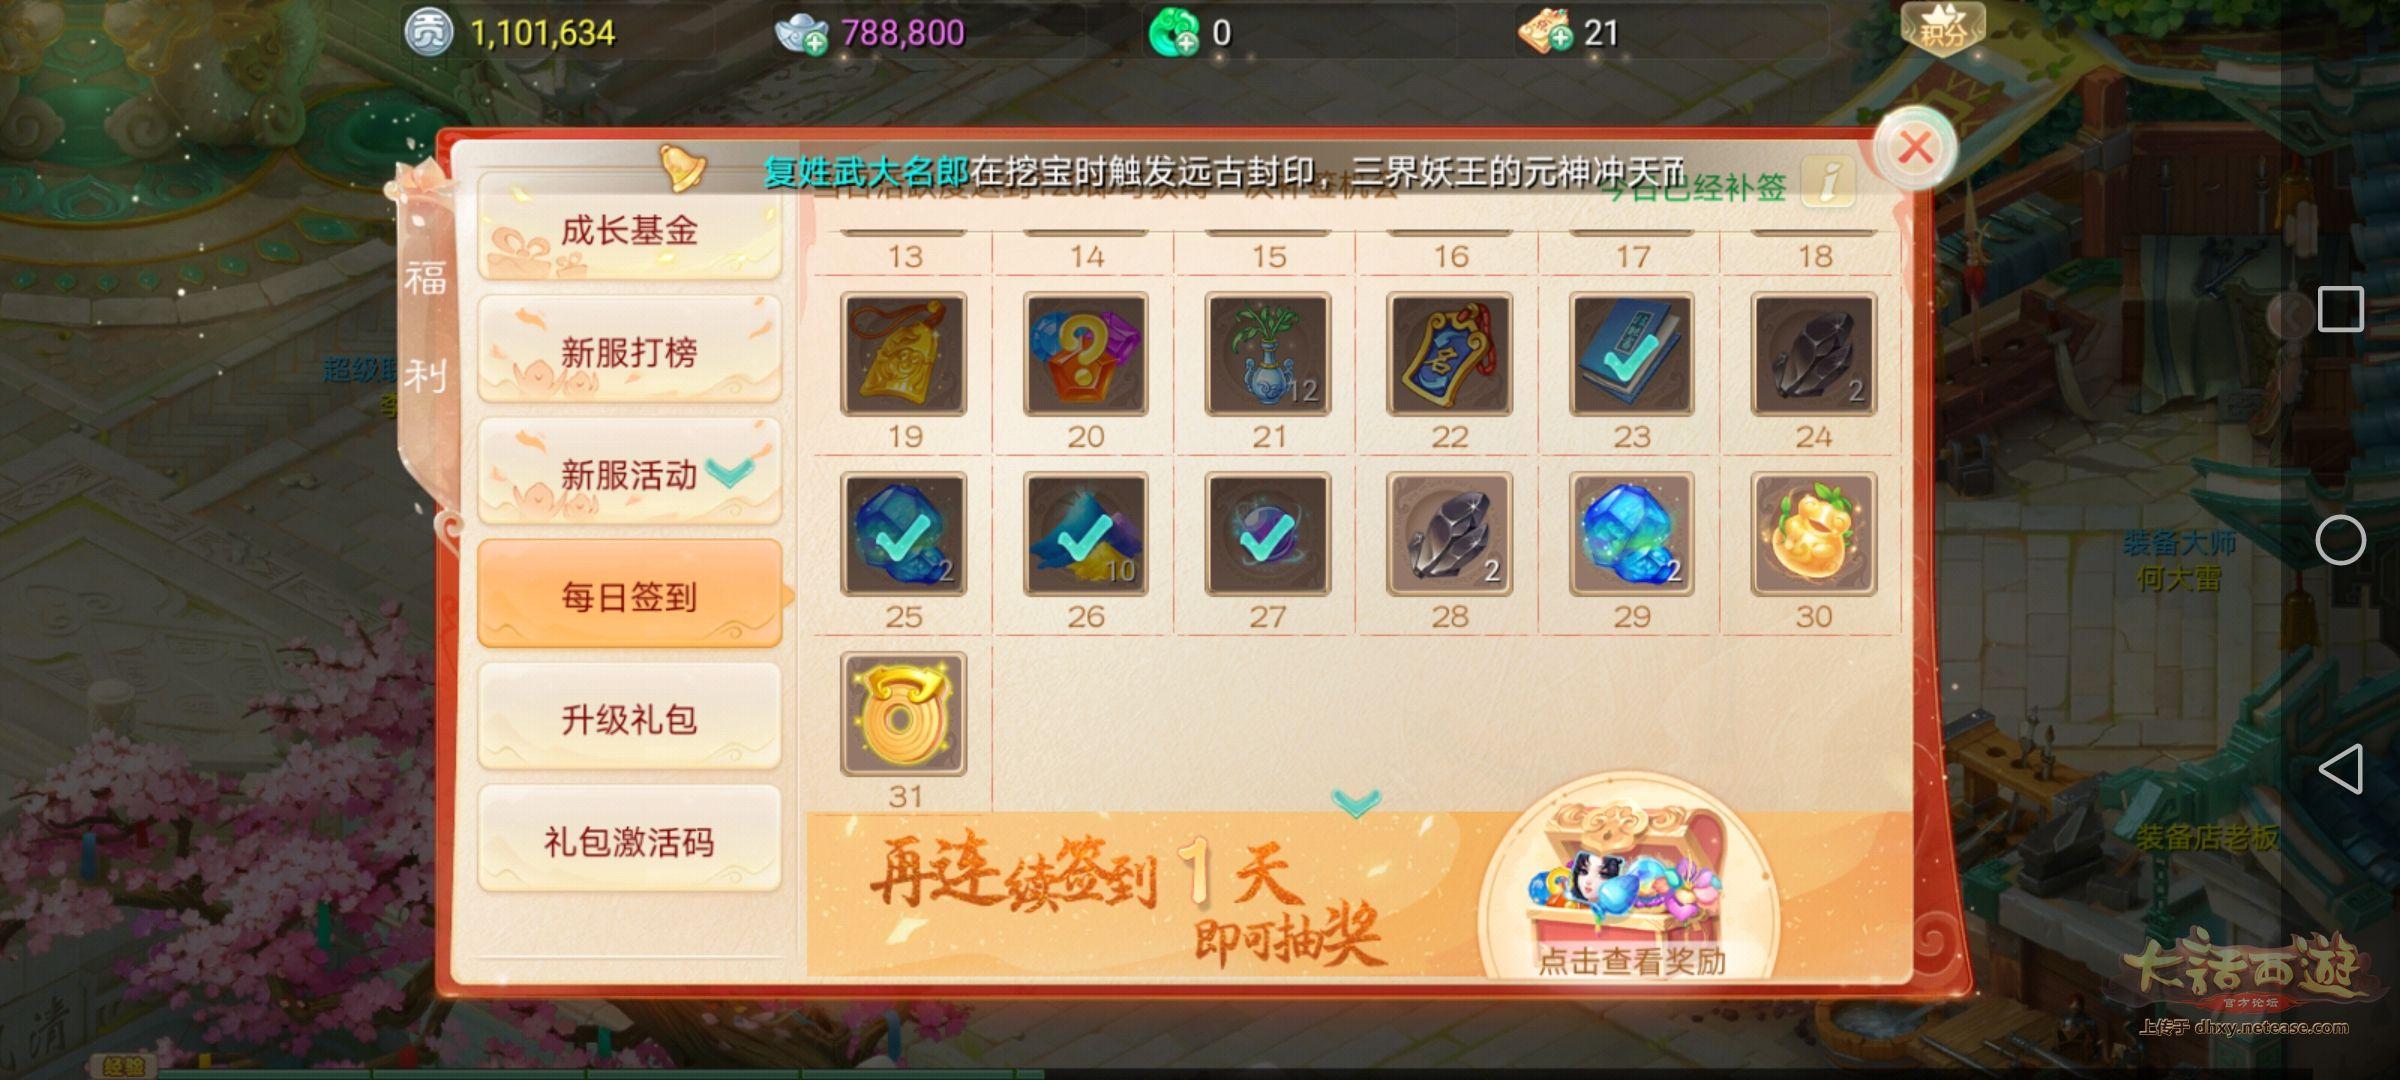 Screenshot_20200827_144616_com.netease.dhxy.huawei.jpg